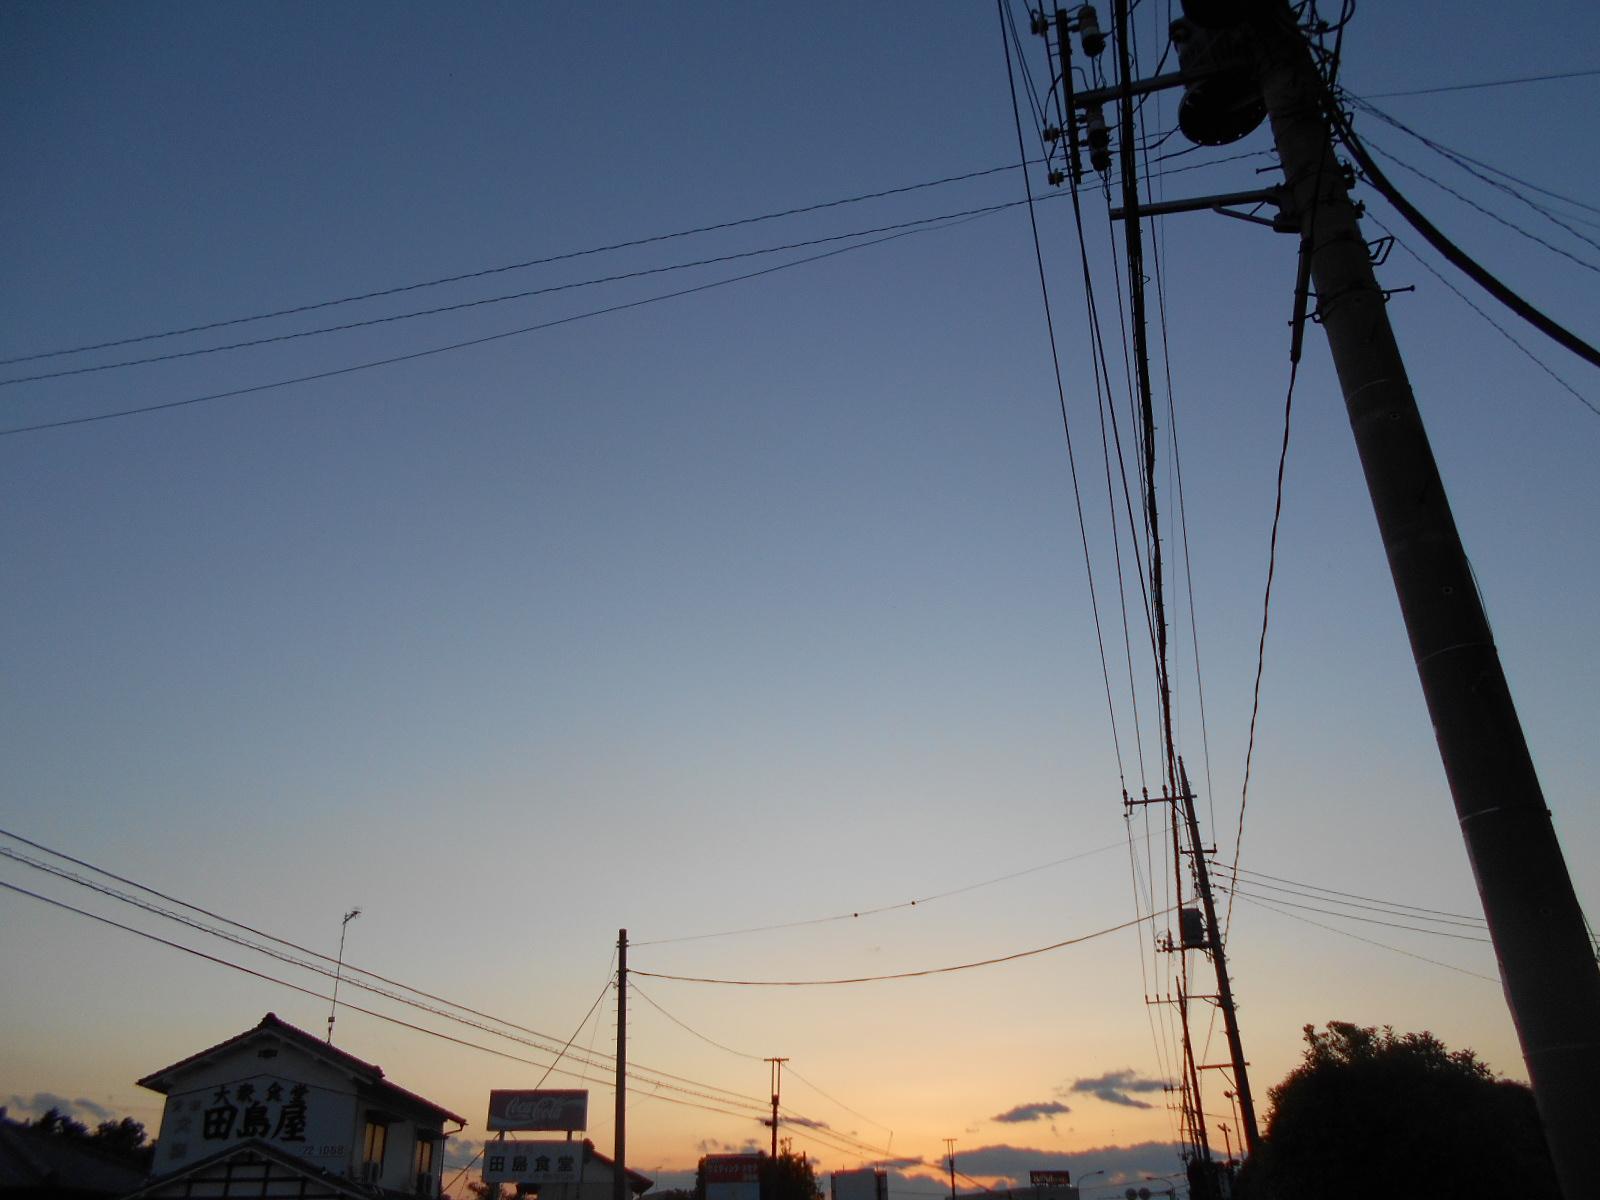 DSCN8518.jpg